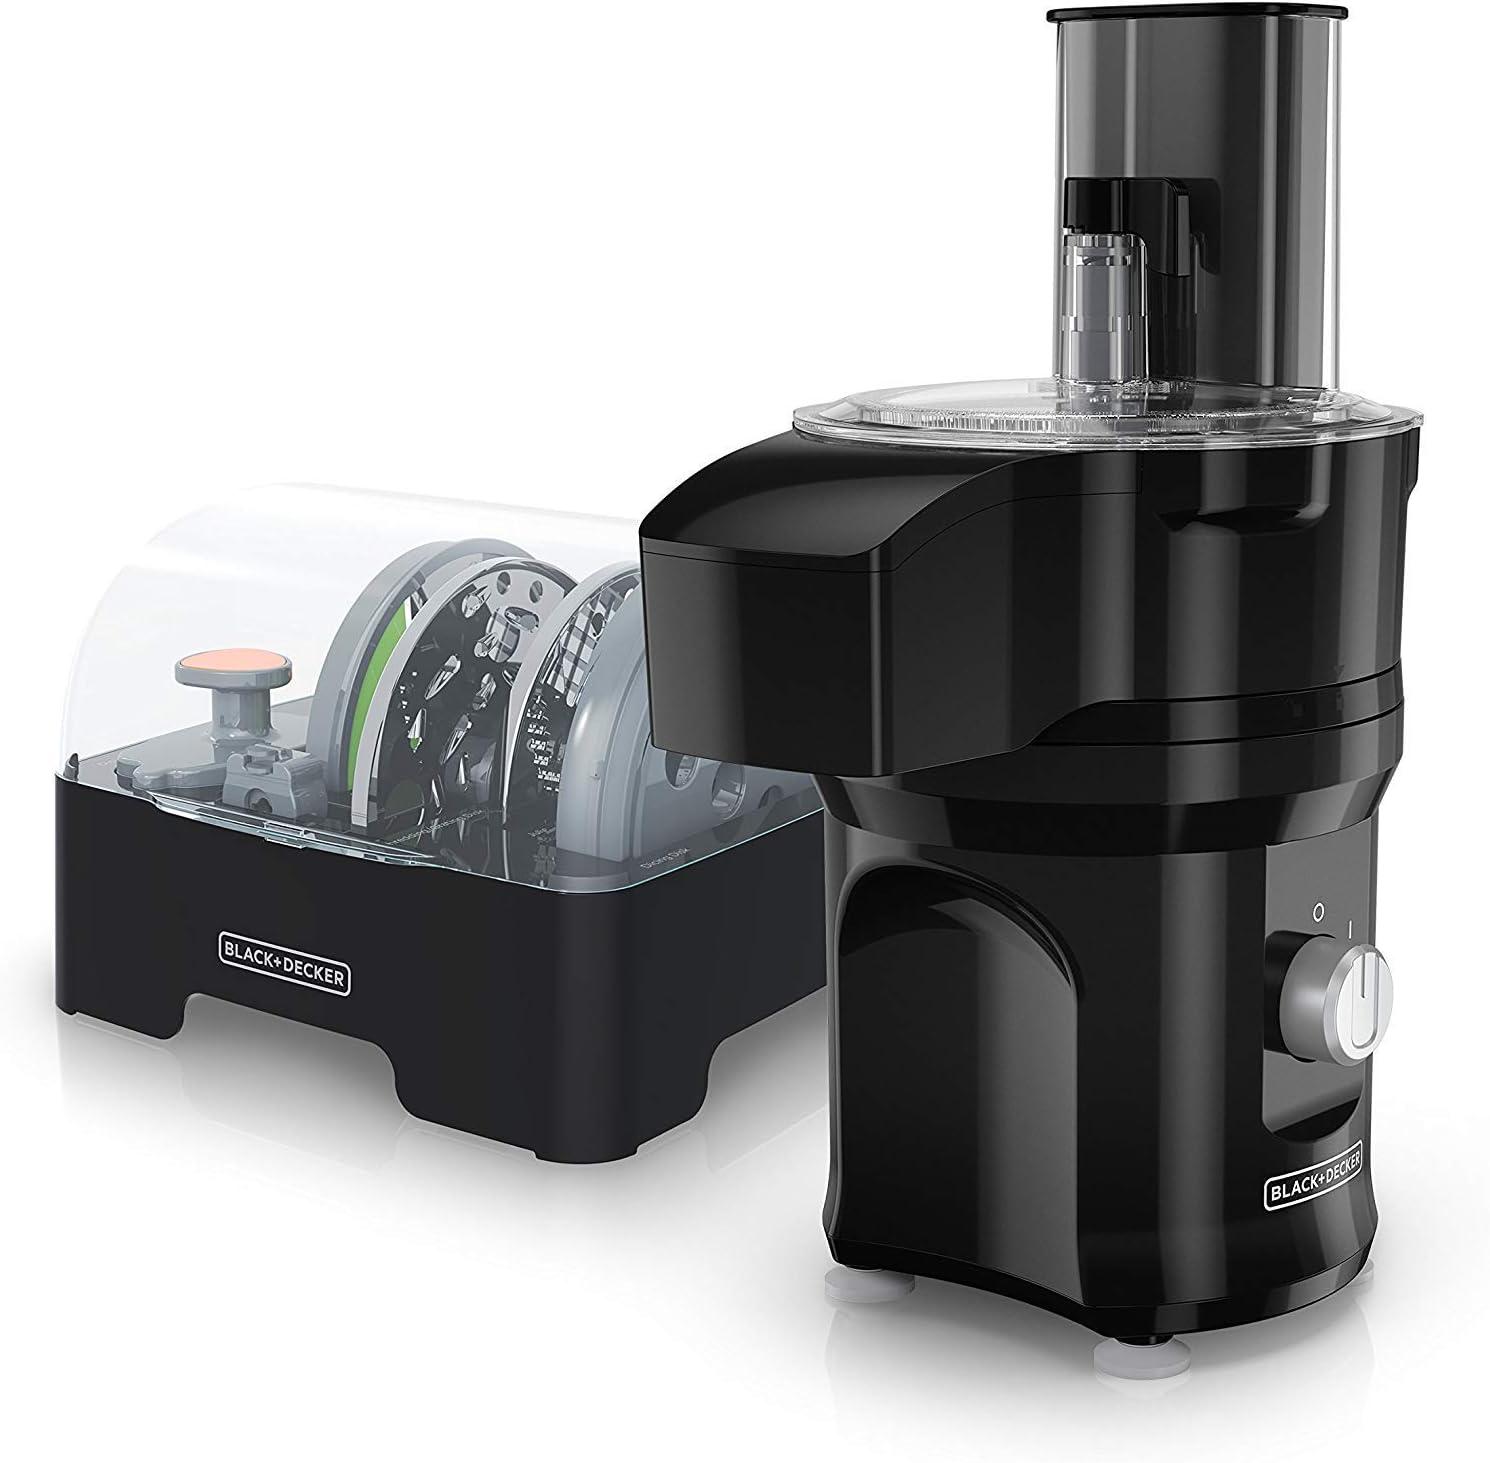 BLACK+DECKER Multi-Prep Slice 'N Dice Food Processor Bundle in Black (Renewed)